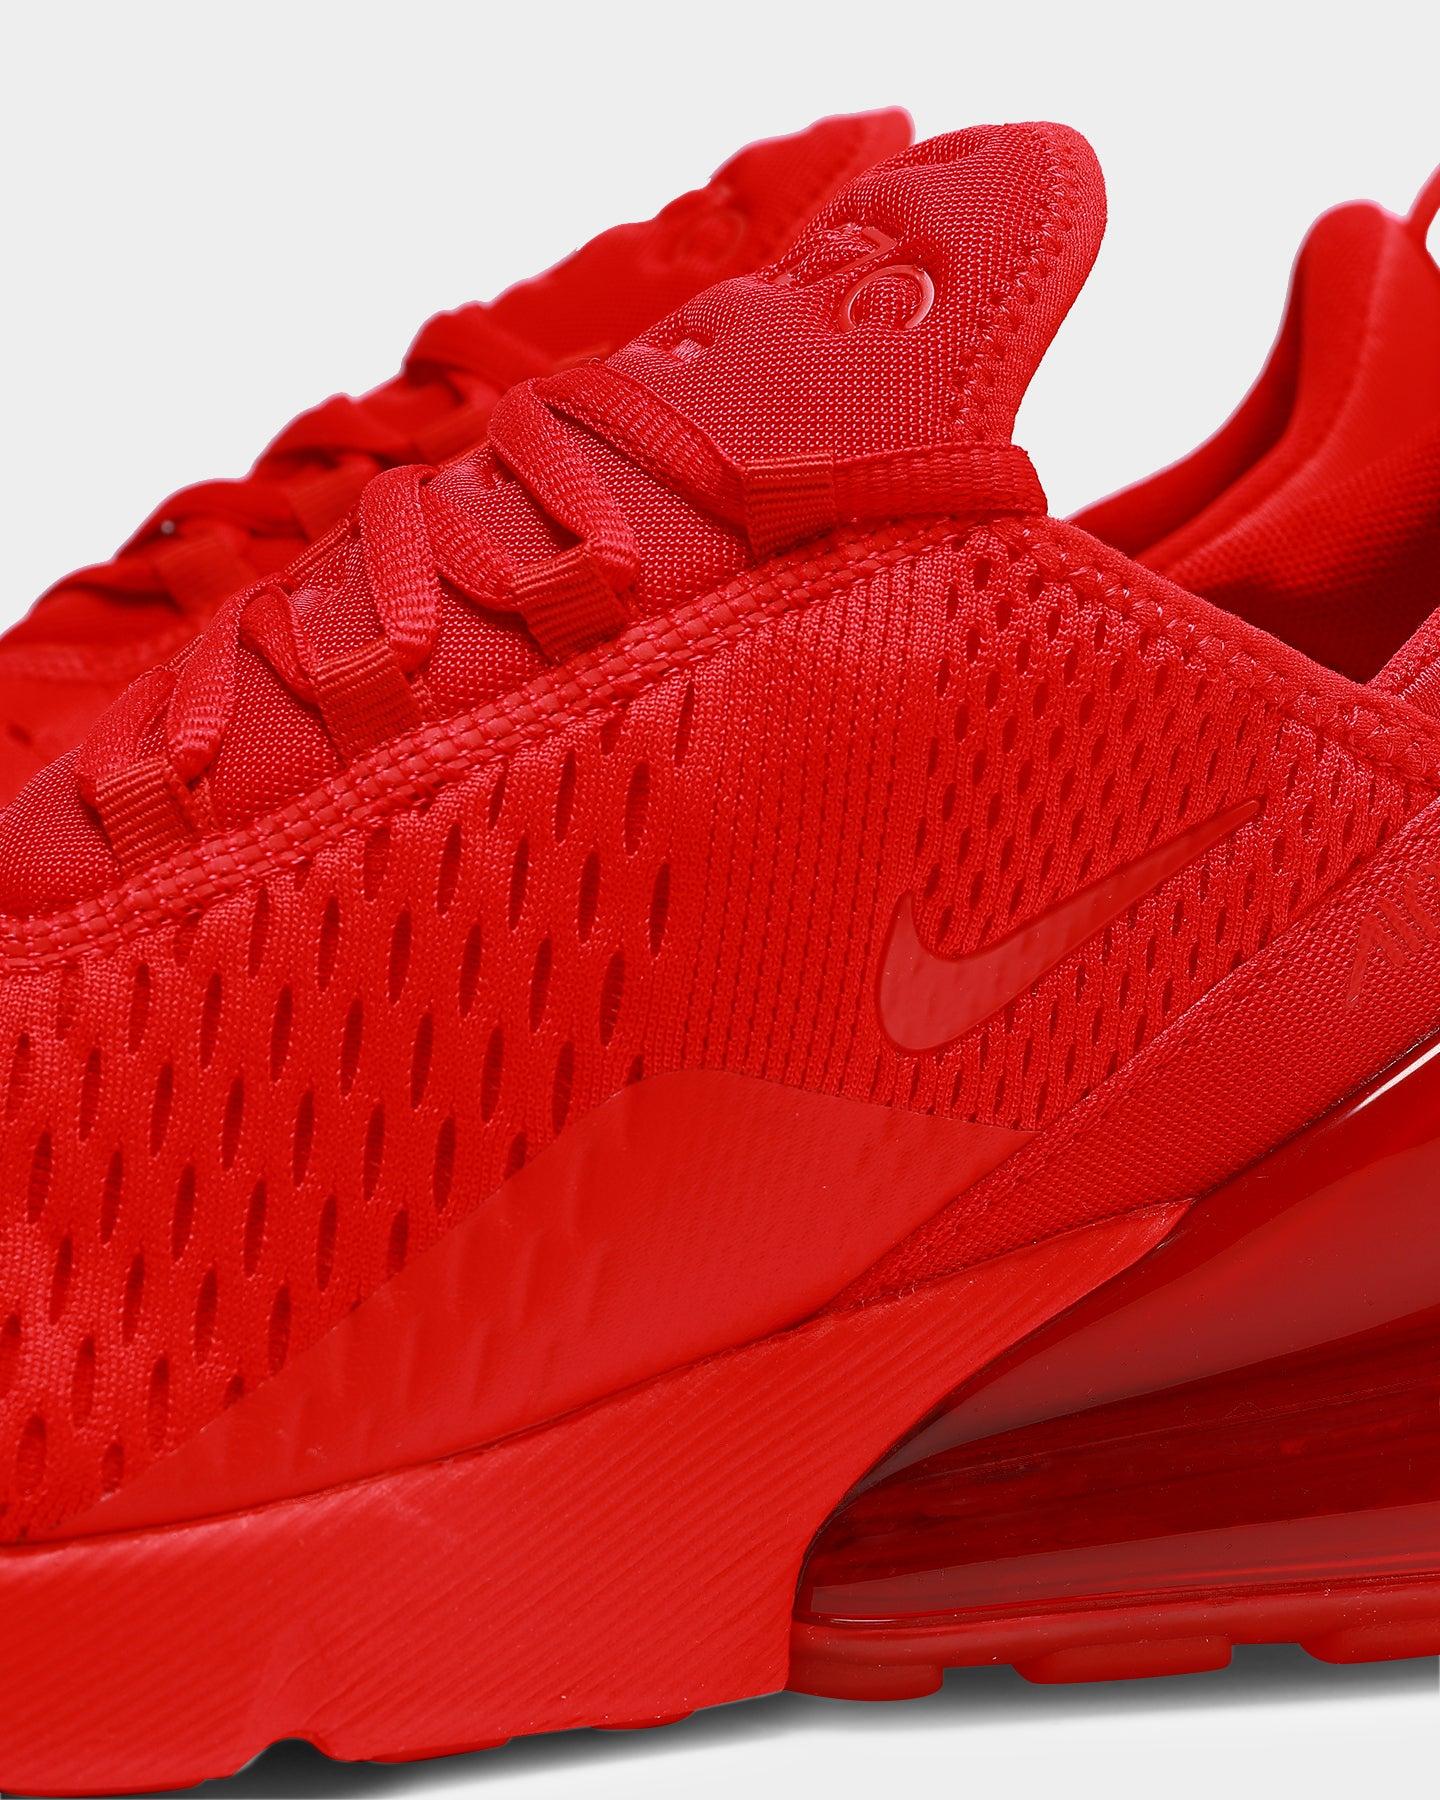 Nike Men's Air Max 270 Red/Red/Black